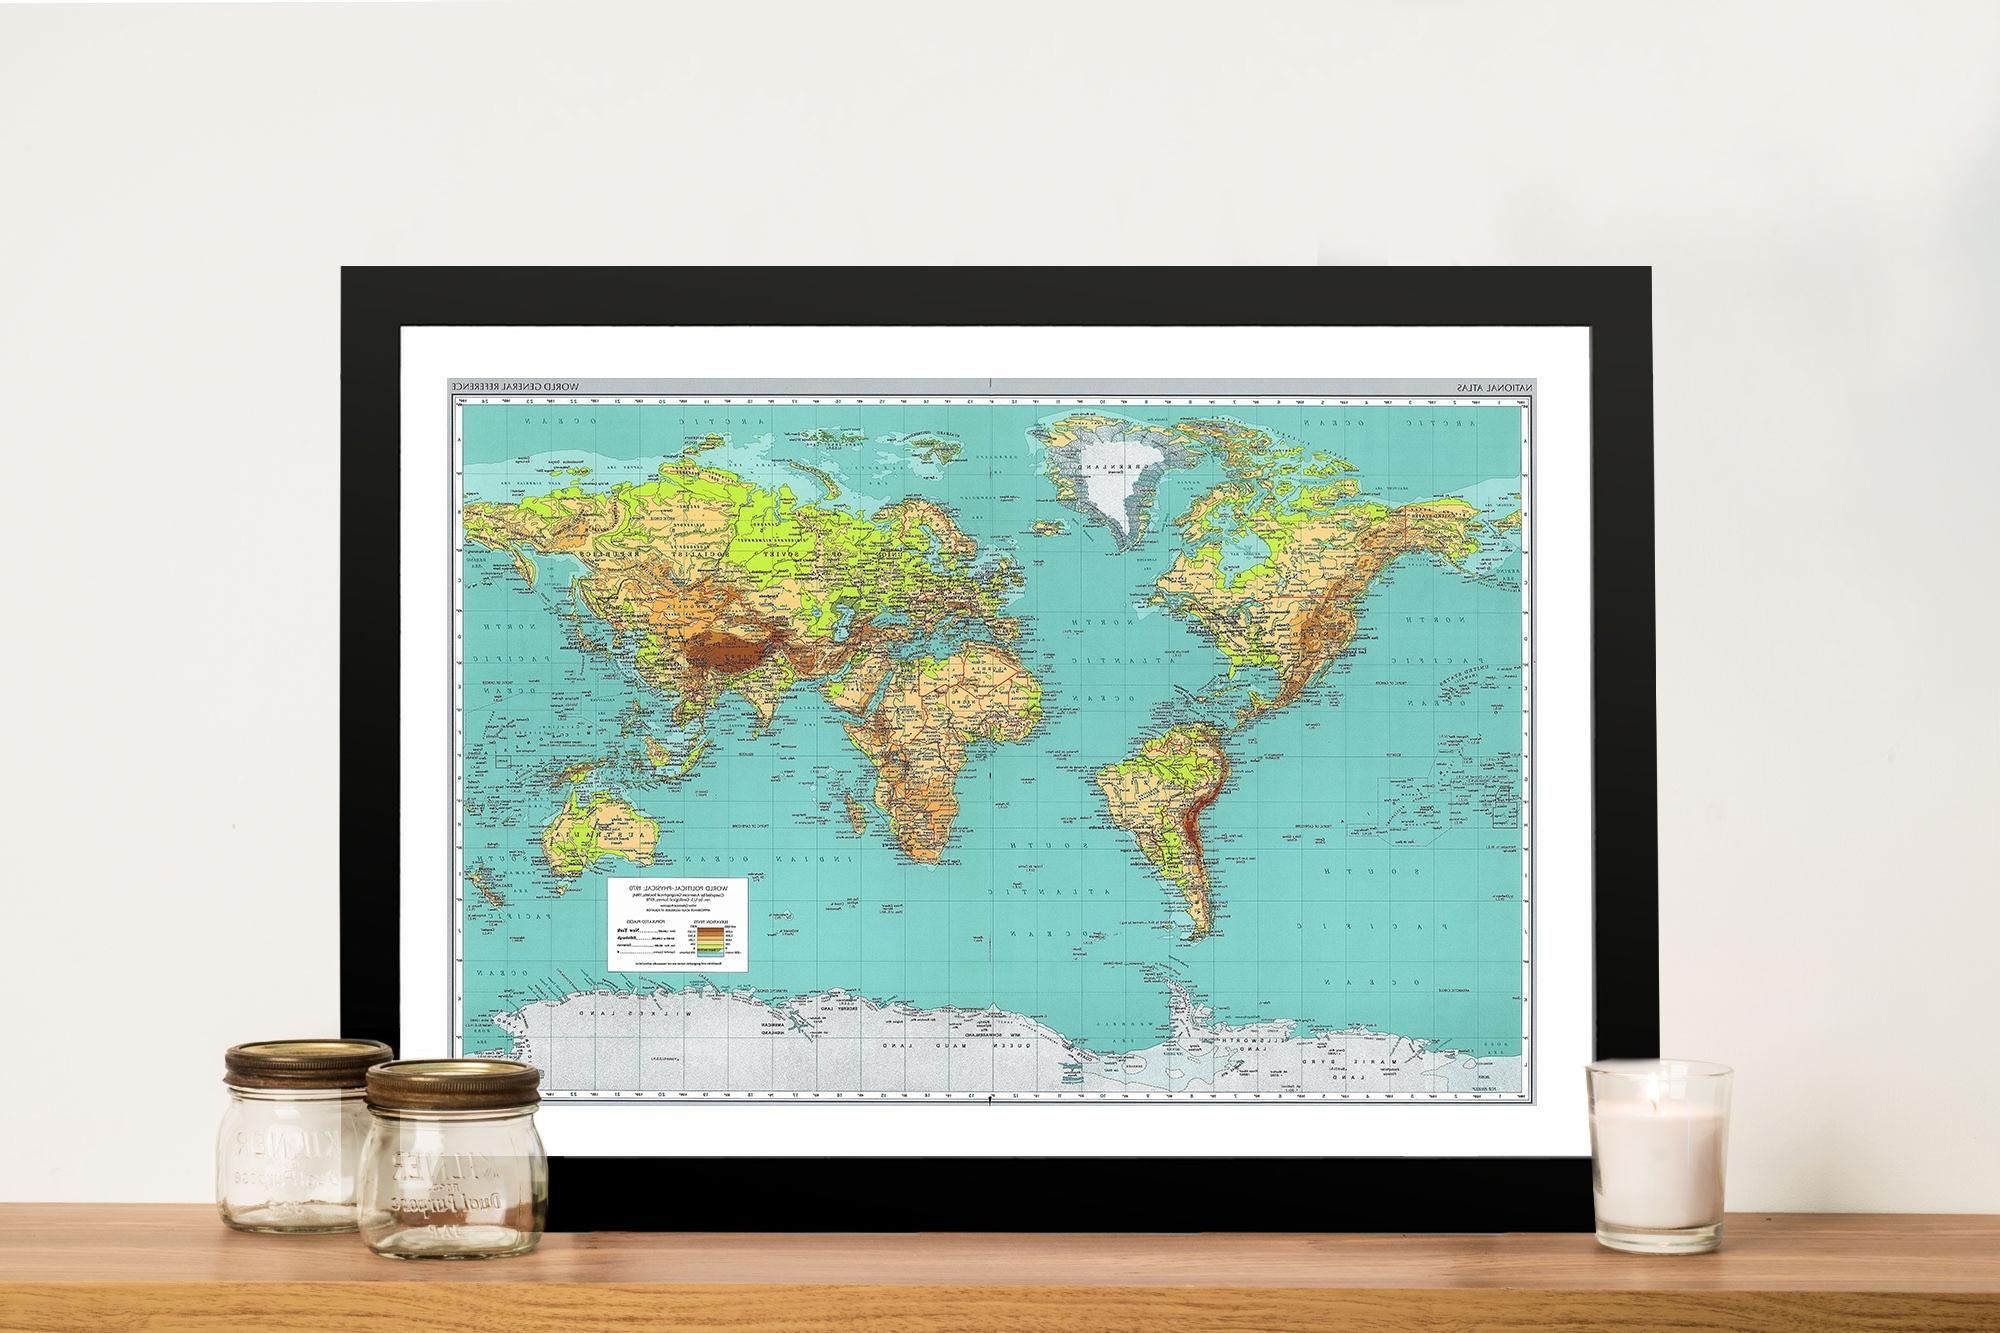 Teal Green World Map Framed Wall Art – Blue Horizon Prints Regarding Most Popular World Map Wall Art Framed (View 11 of 20)